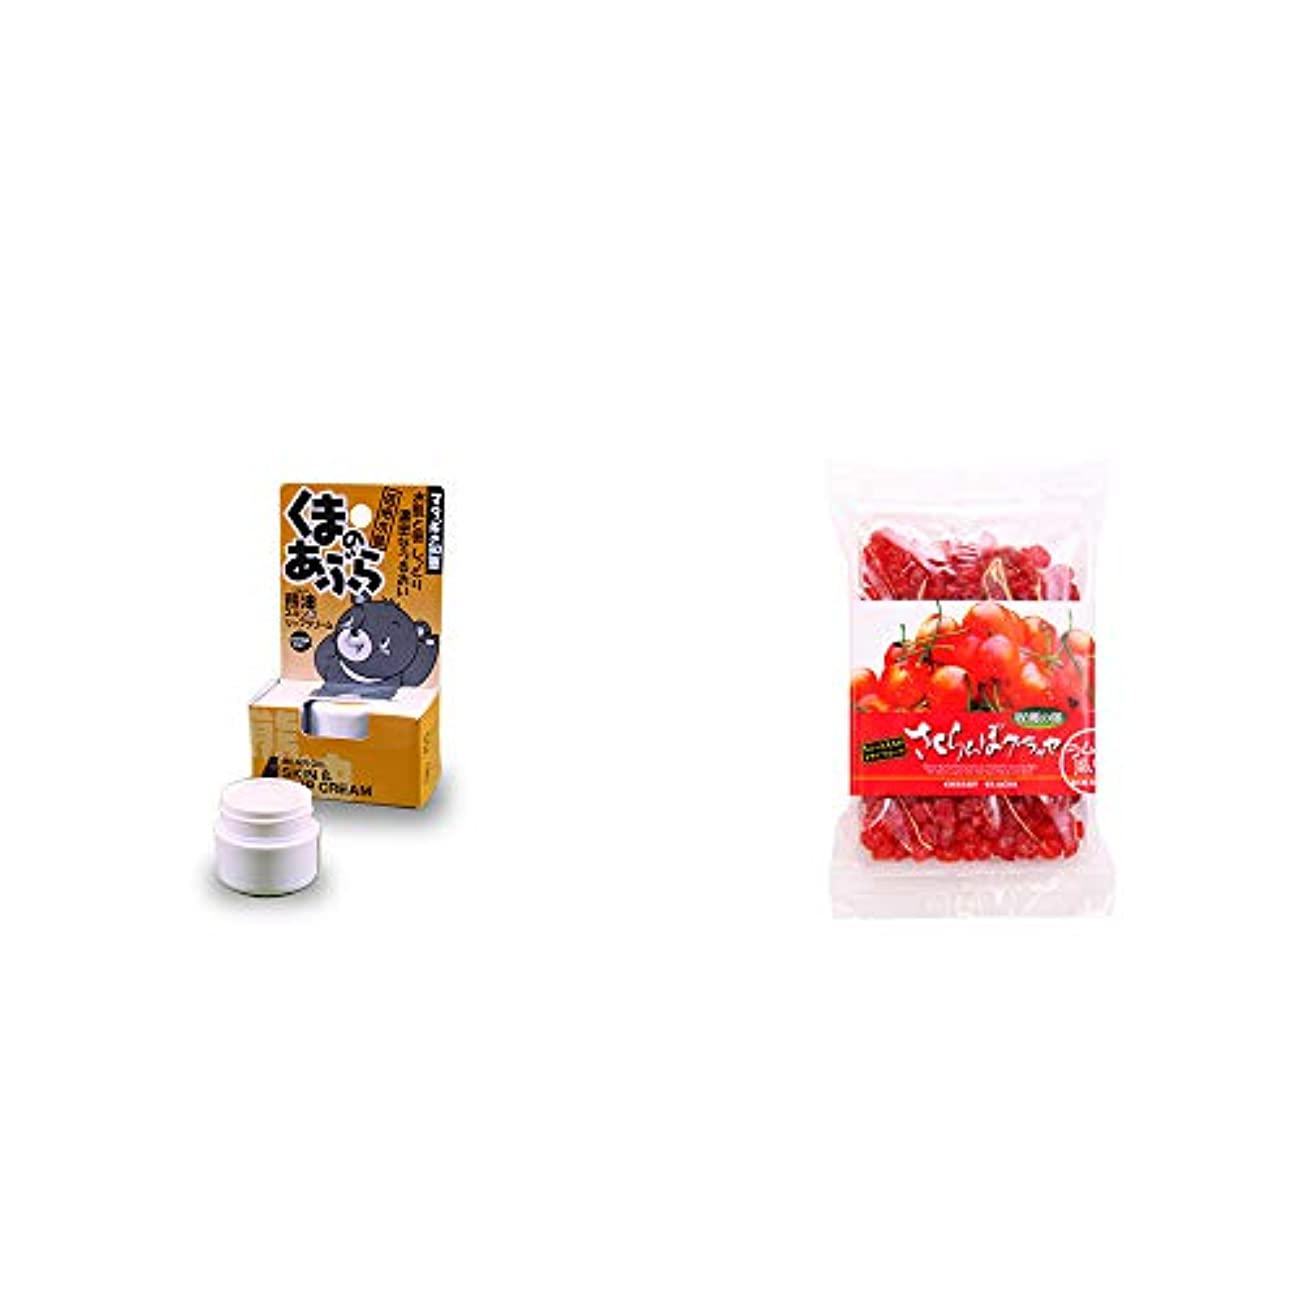 対角線バンク抑圧者[2点セット] 信州木曽 くまのあぶら 熊油スキン&リップクリーム(9g)?収穫の朝 さくらんぼグラッセ ラム酒風味(180g)